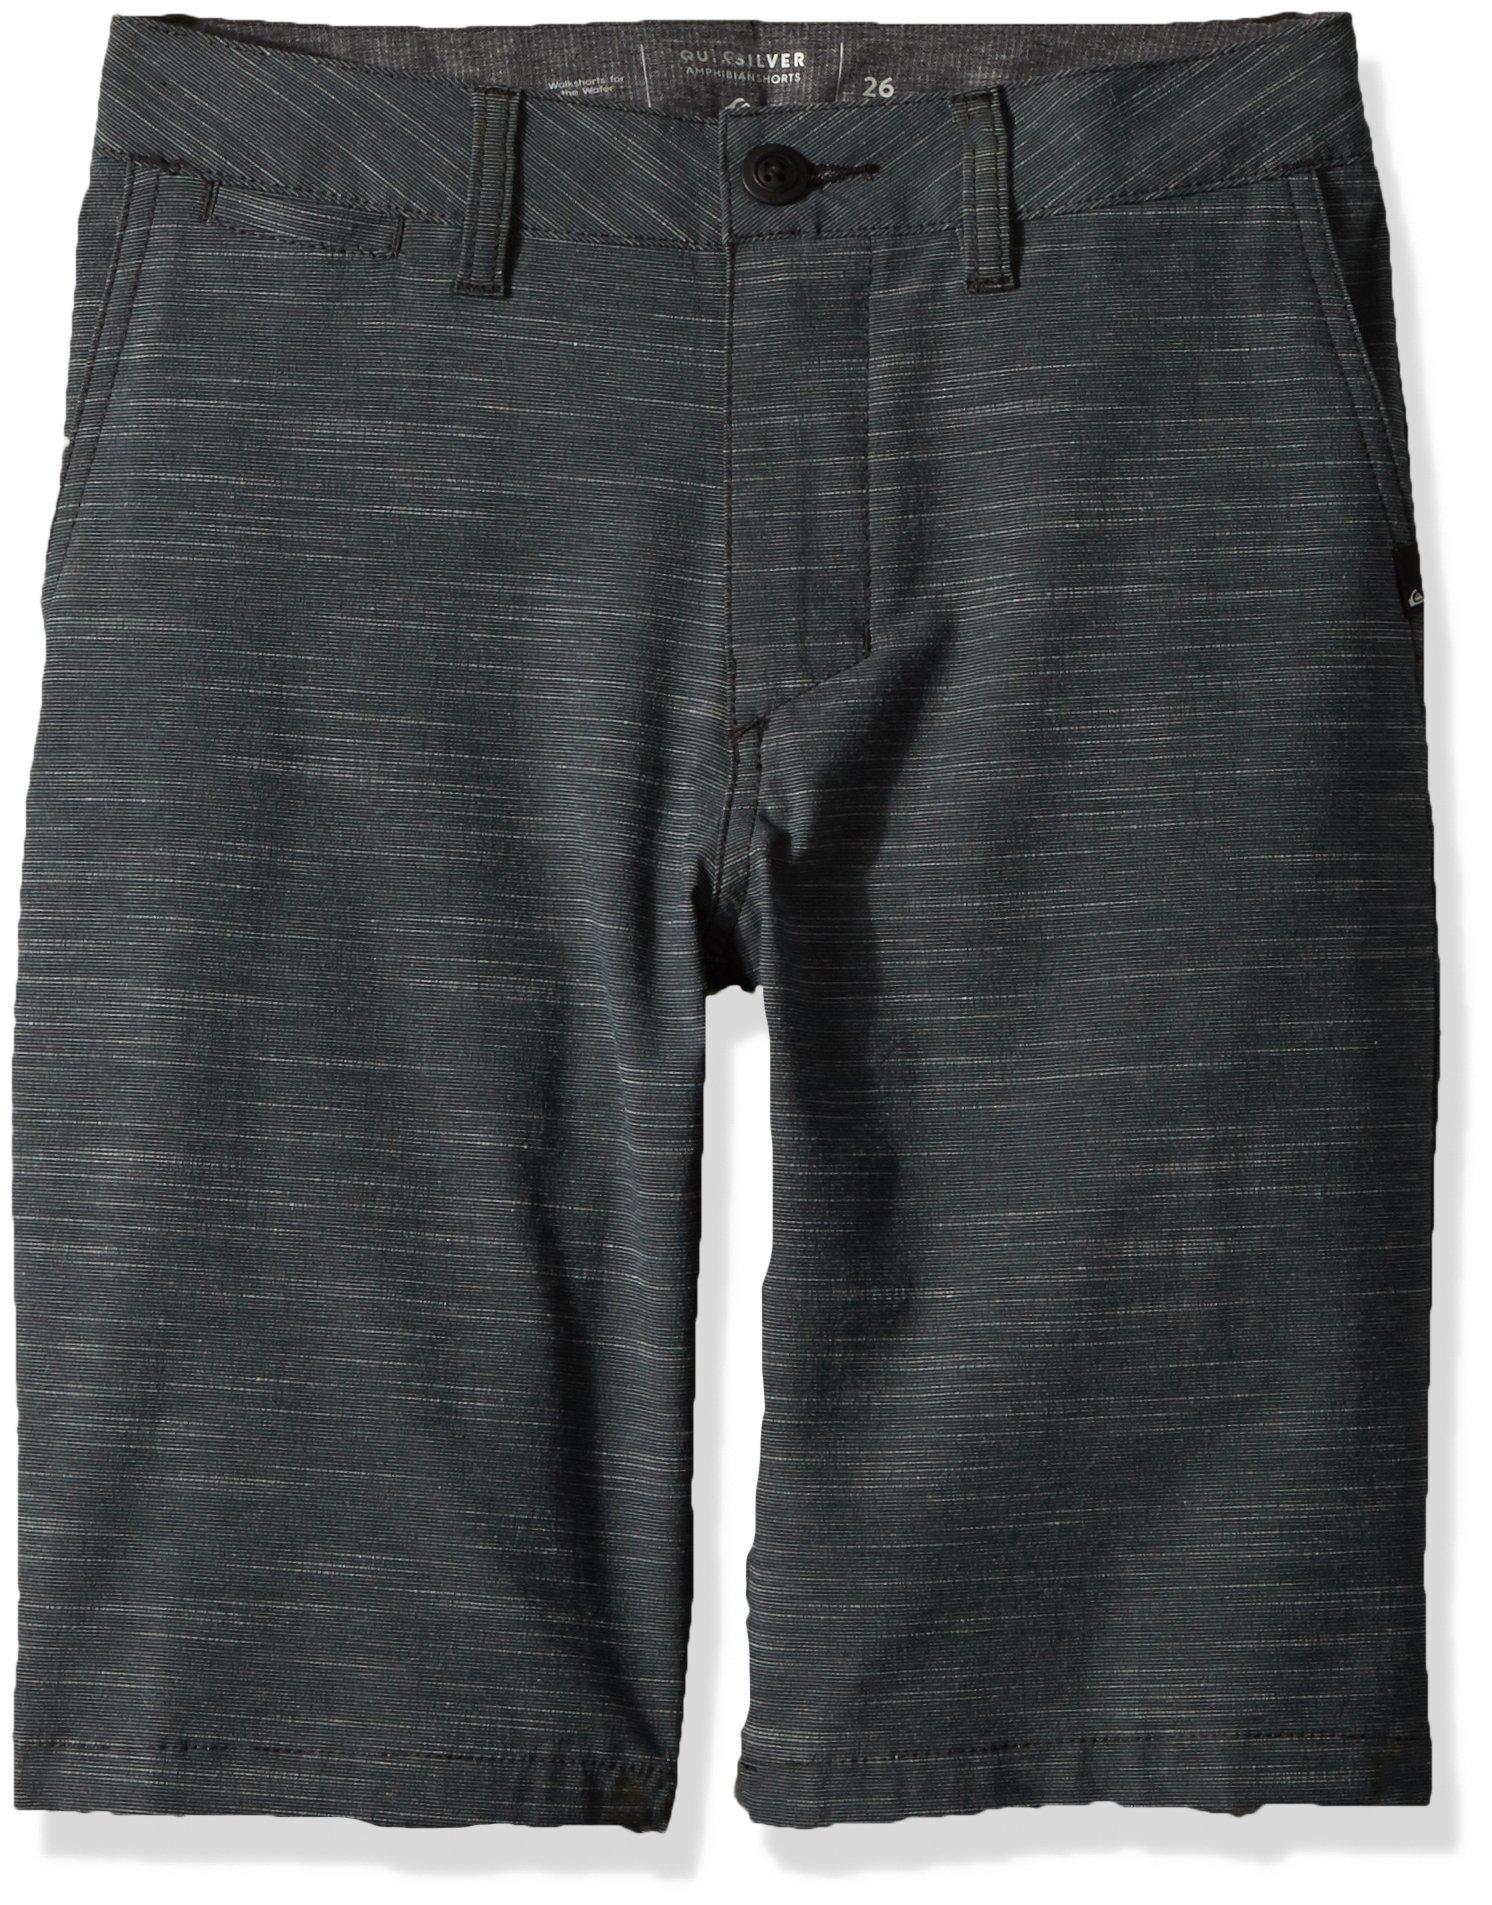 Quiksilver Little Boys' Union Slub Kids Shorts, Black, 6 by Quiksilver (Image #1)